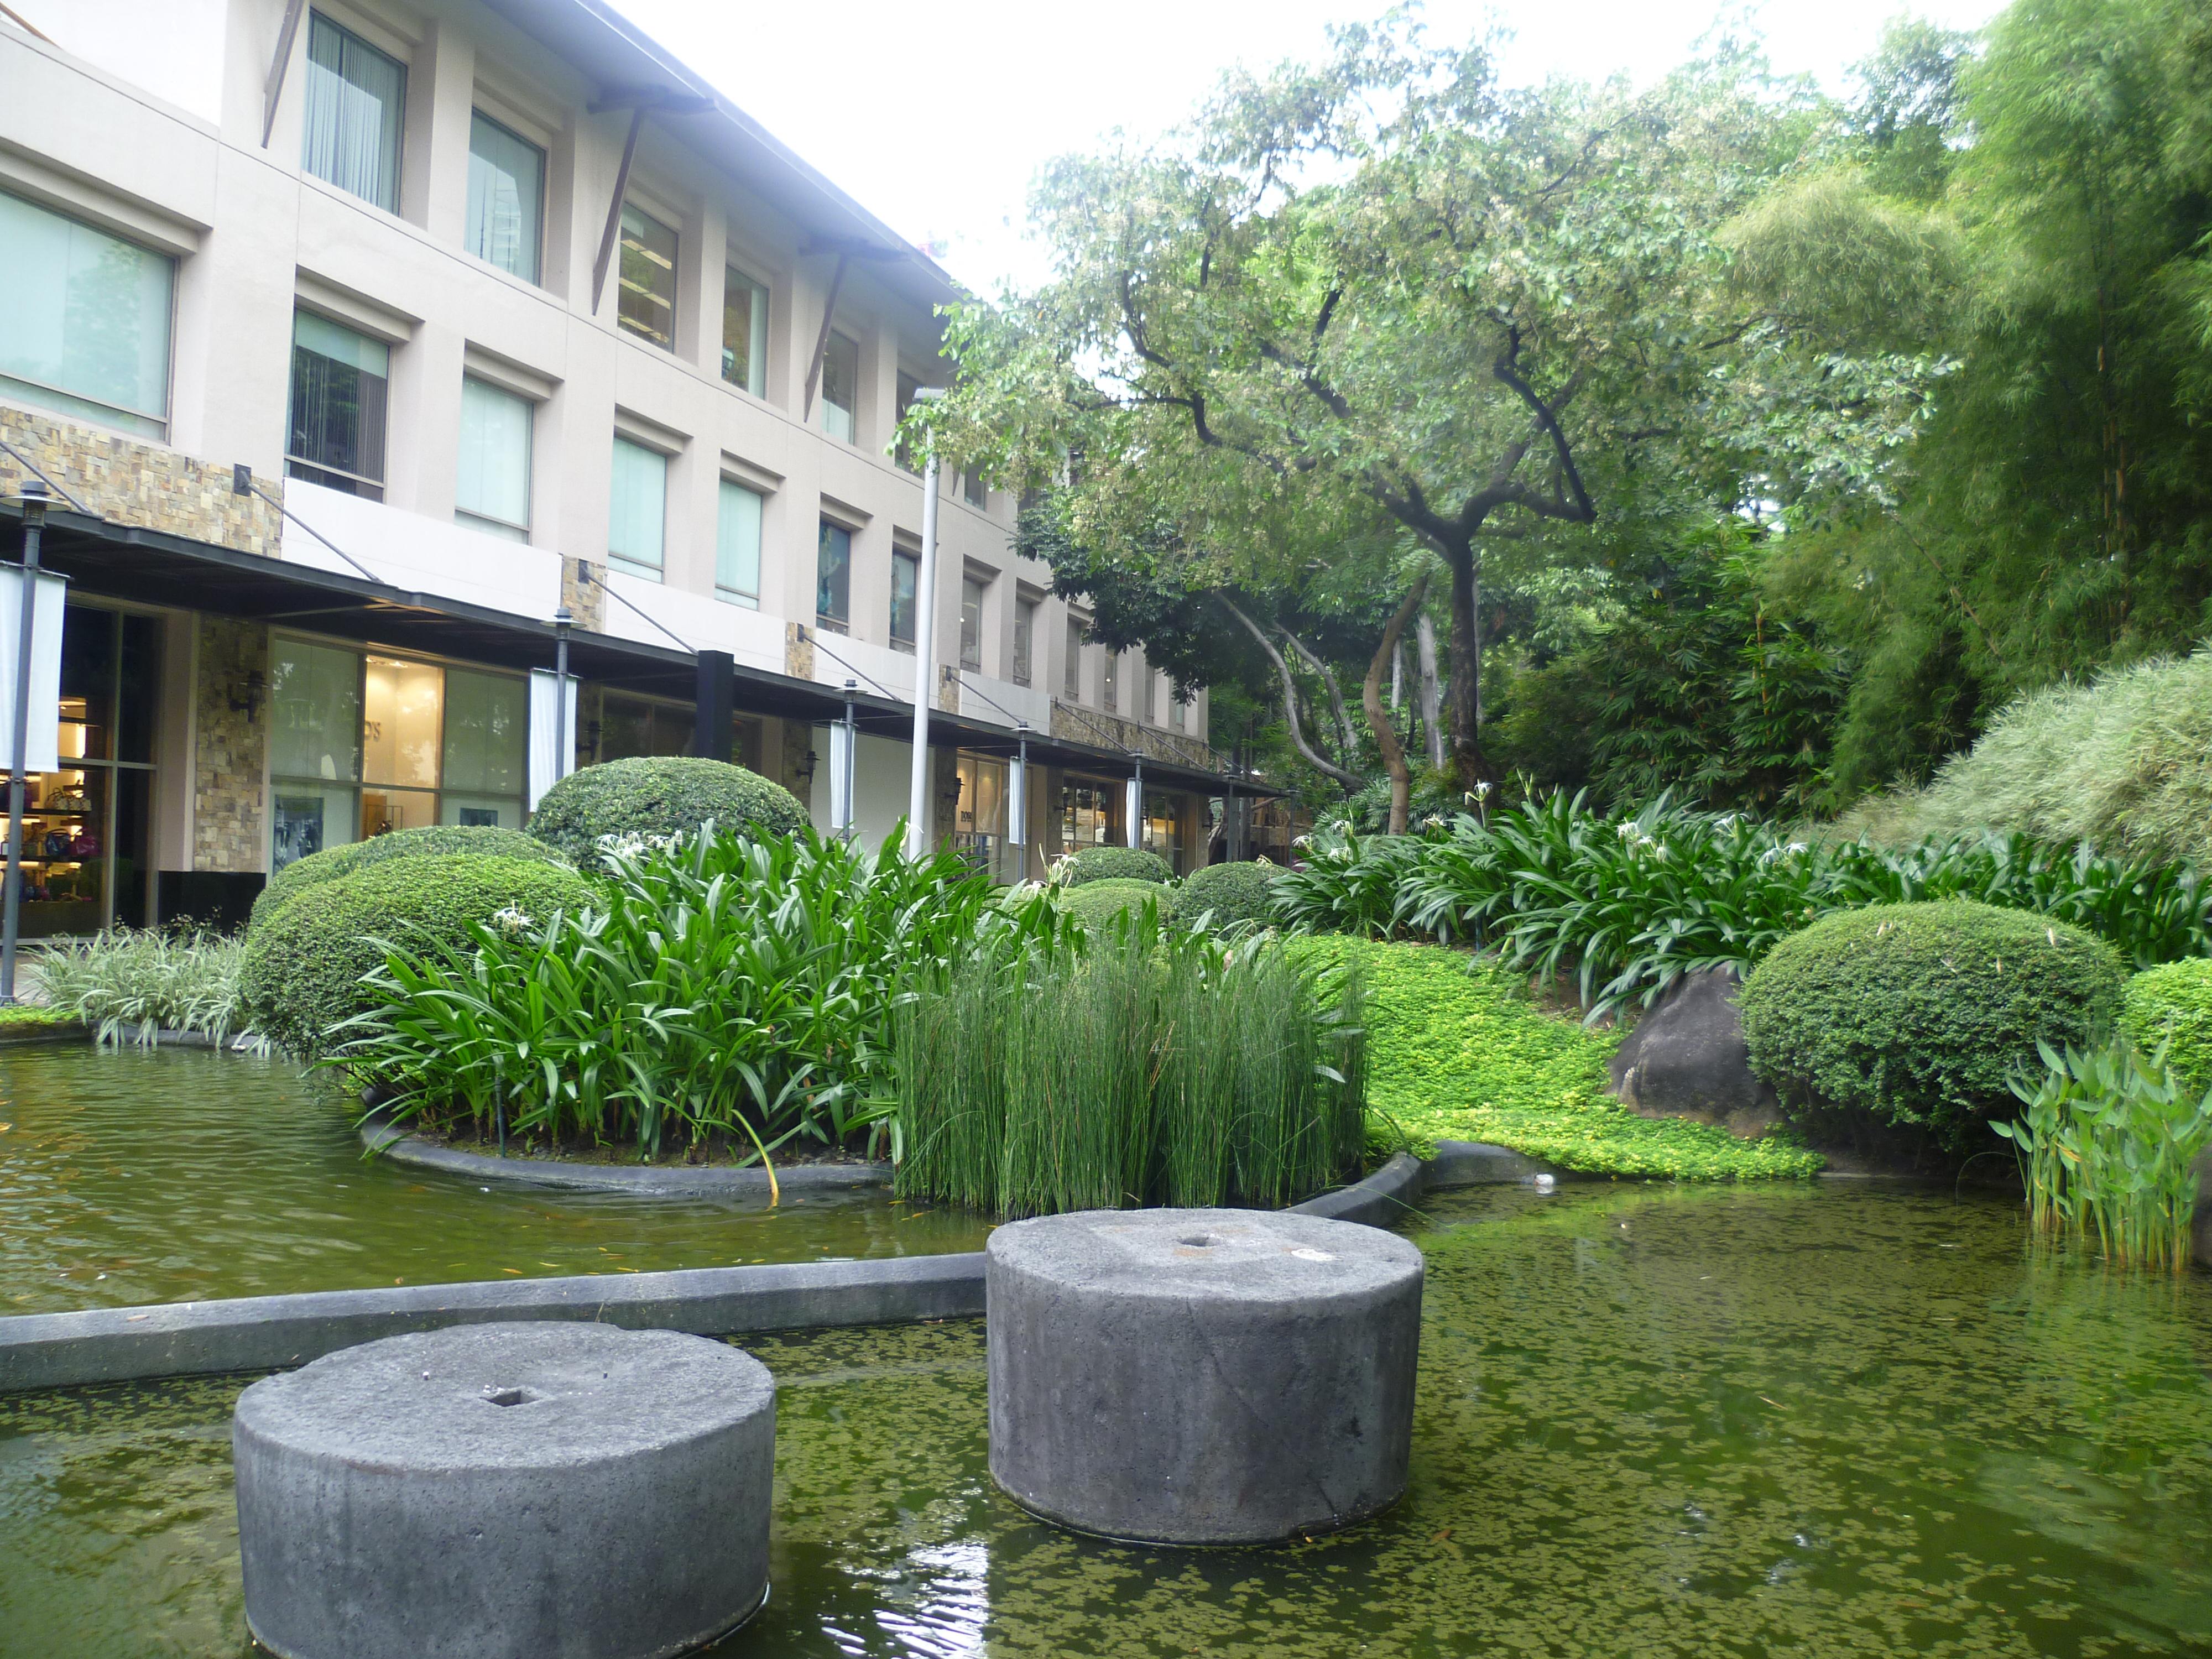 jardins dans Greenbelt